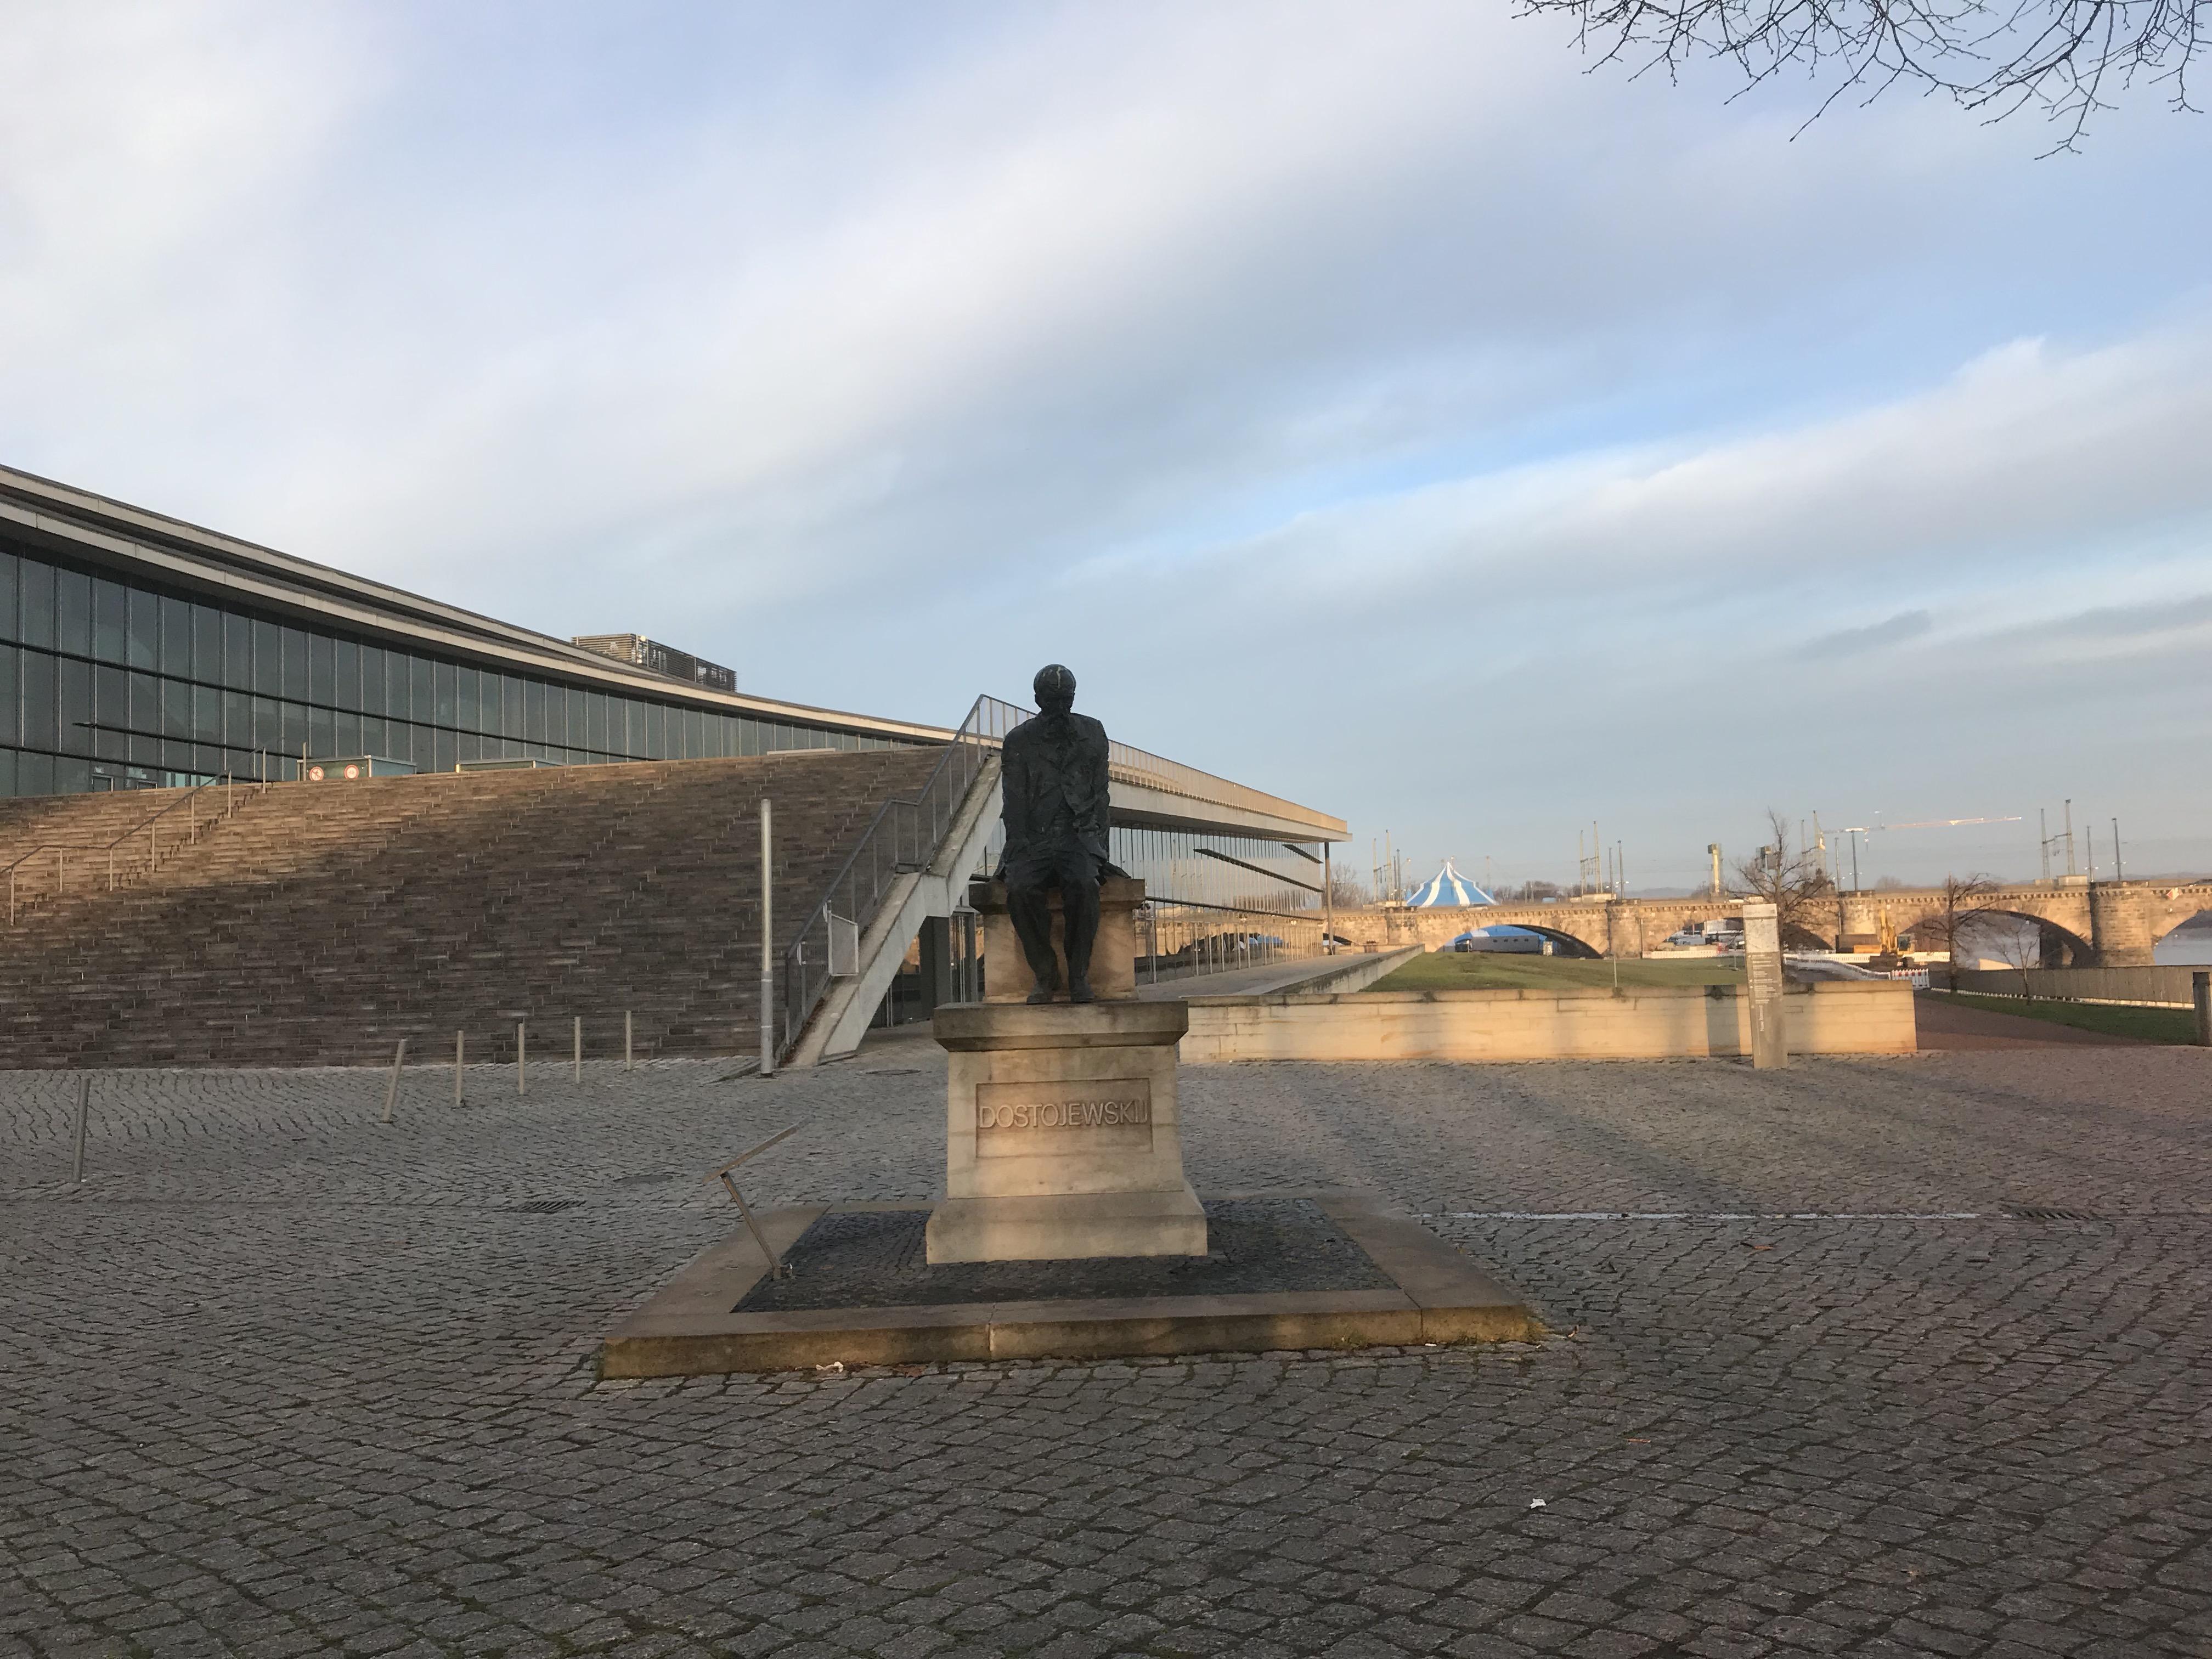 ドレスデンのドストエフスキー像